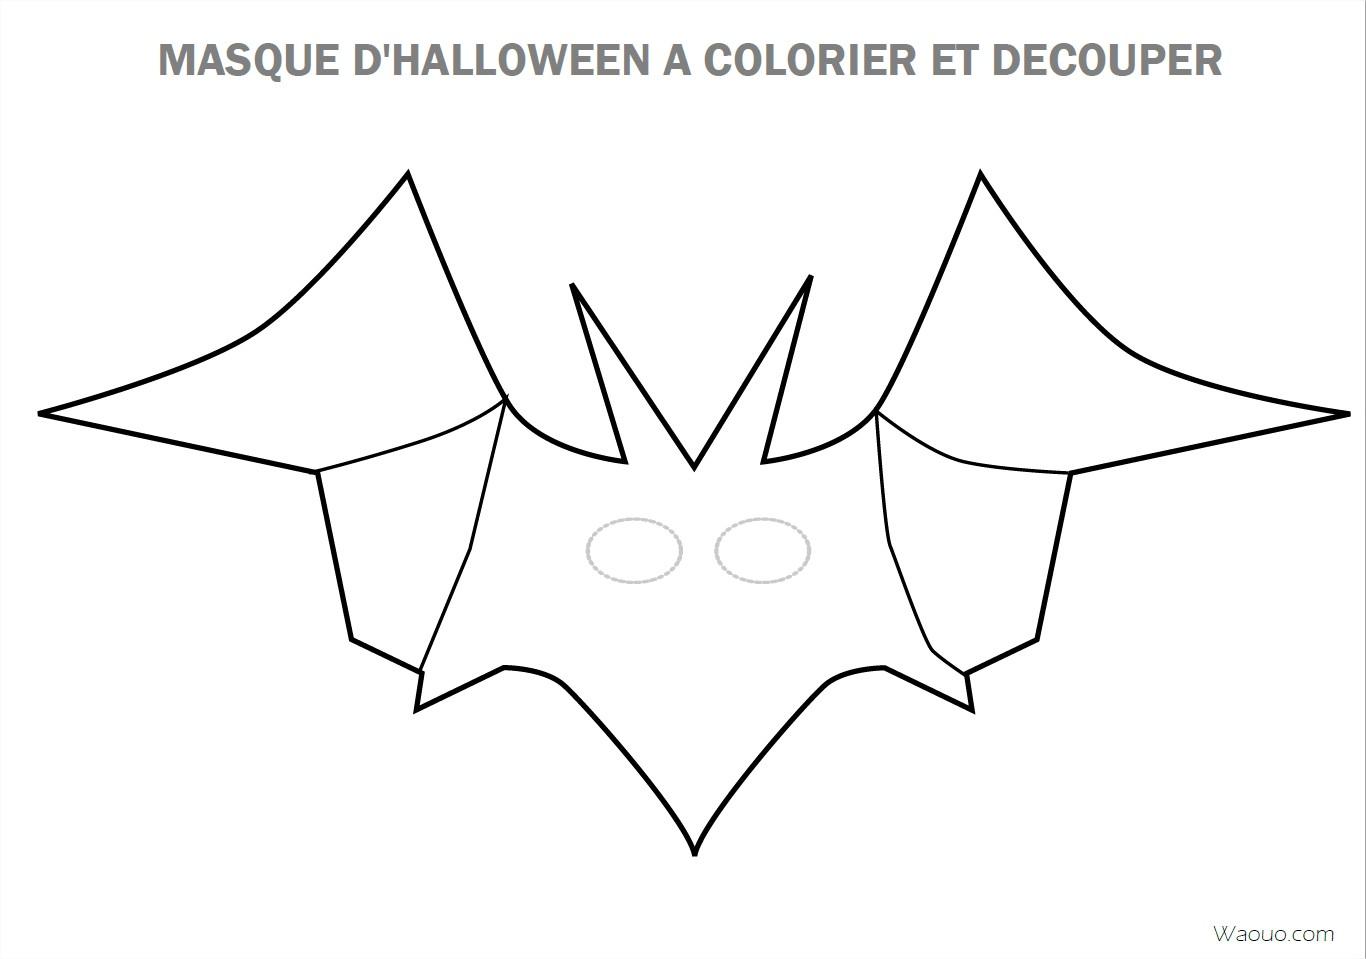 Coloriage Masque D'halloween À Imprimer Et Découper avec Dessin A Decouper